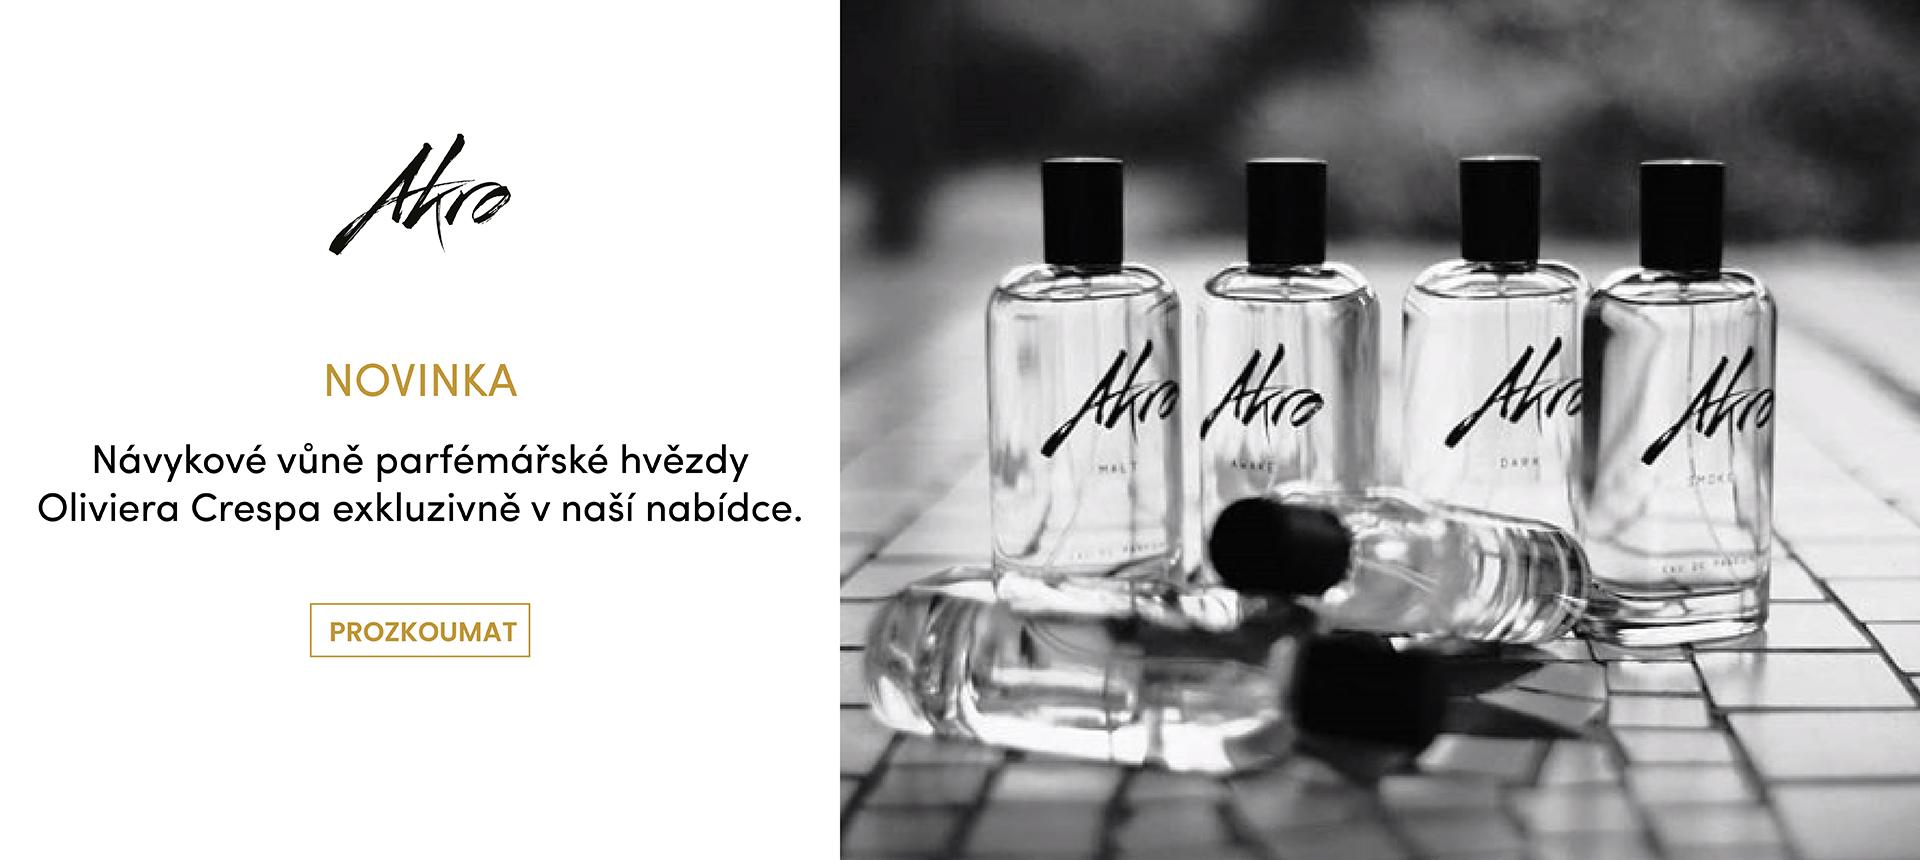 Akro Fragrances